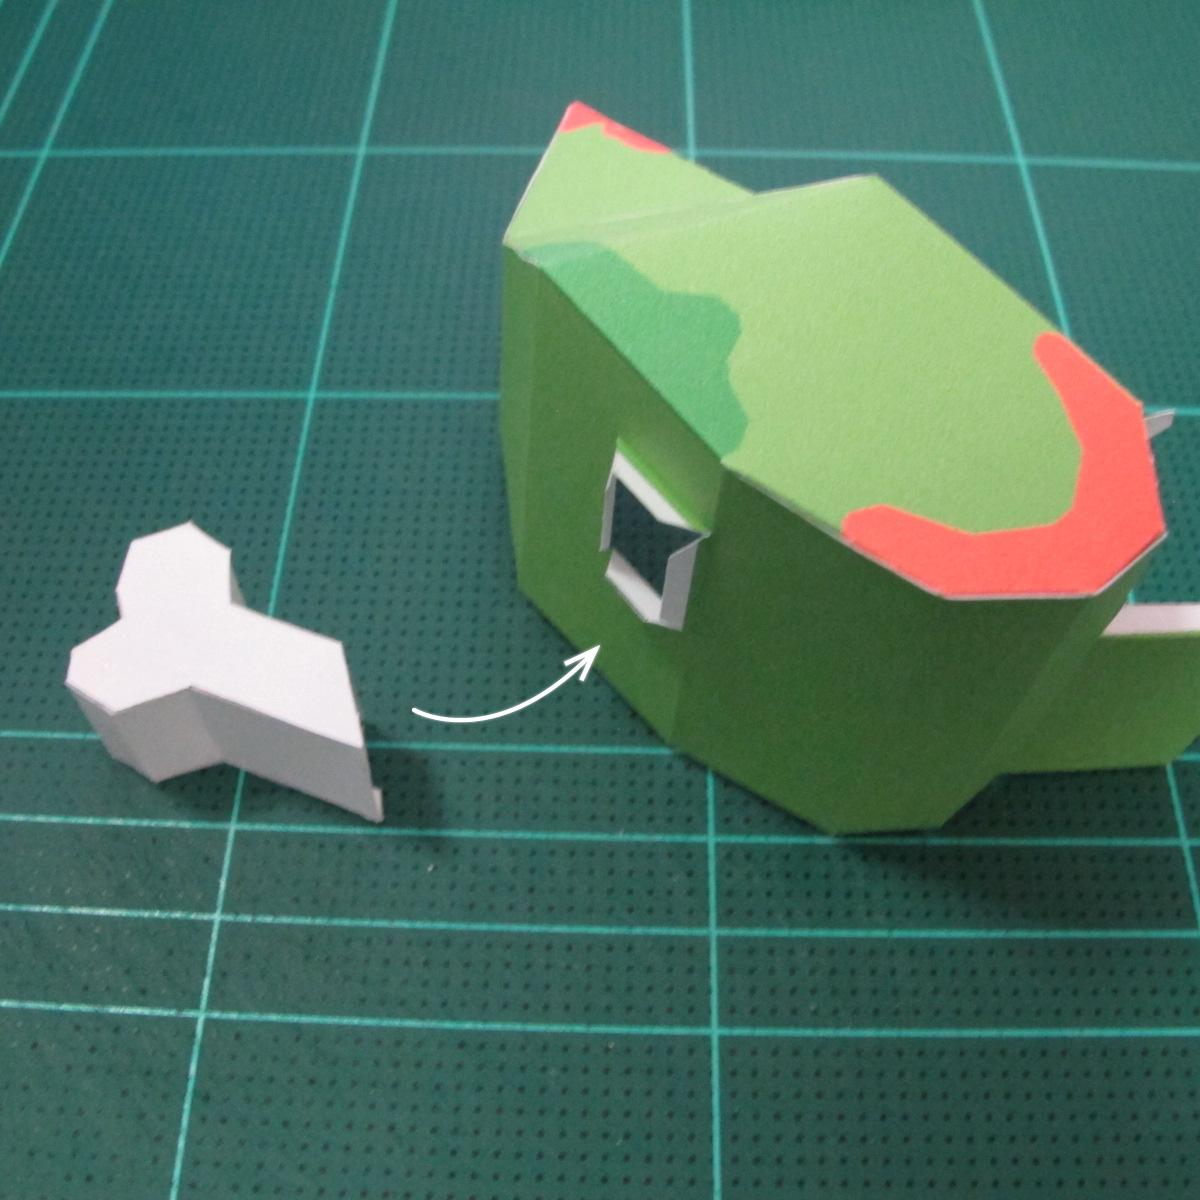 วิธีทำโมเดลกระดาษตุ้กตา คุกกี้ รัน คุกกี้รสซอมบี้ (LINE Cookie Run Zombie Cookie Papercraft Model) 012